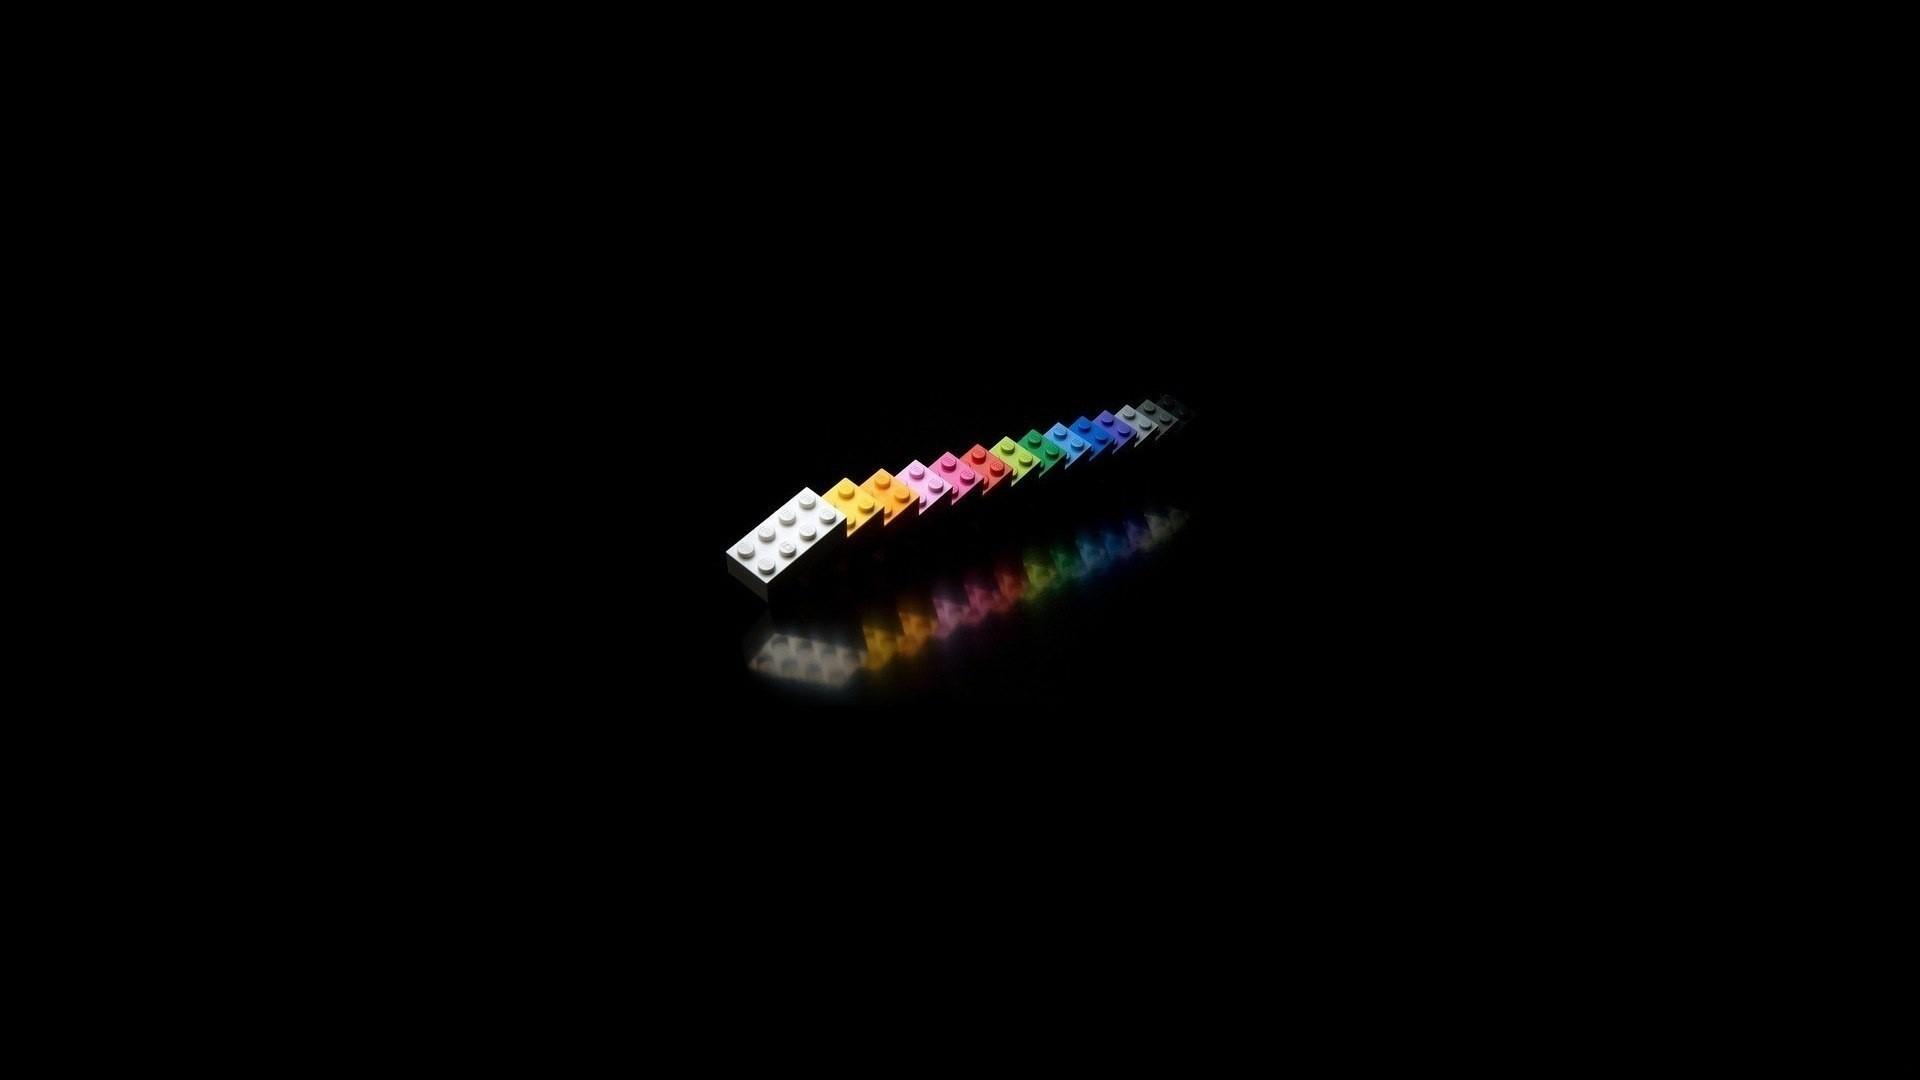 wallpaper lego on a black background » on-desktop - desktop